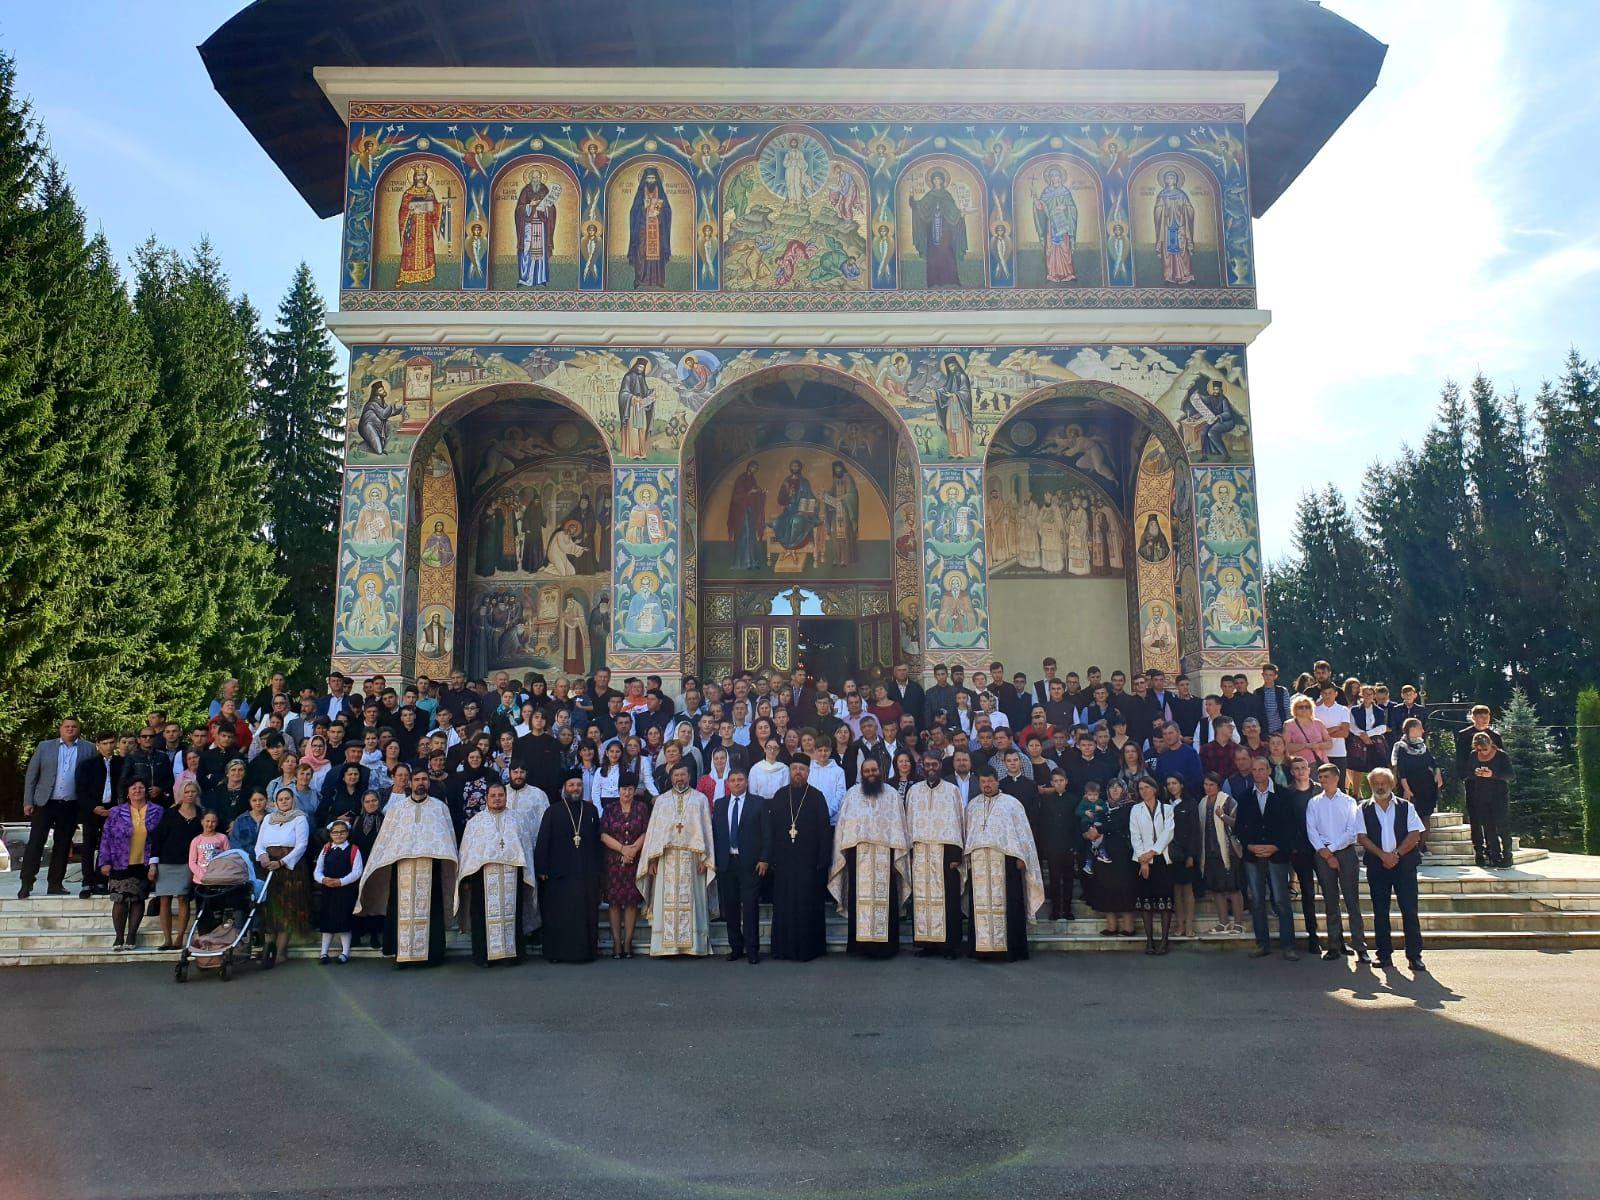 Debutul anului școlar 2019-2020 la Seminarul Teologic de la Mănăstirea Neamț